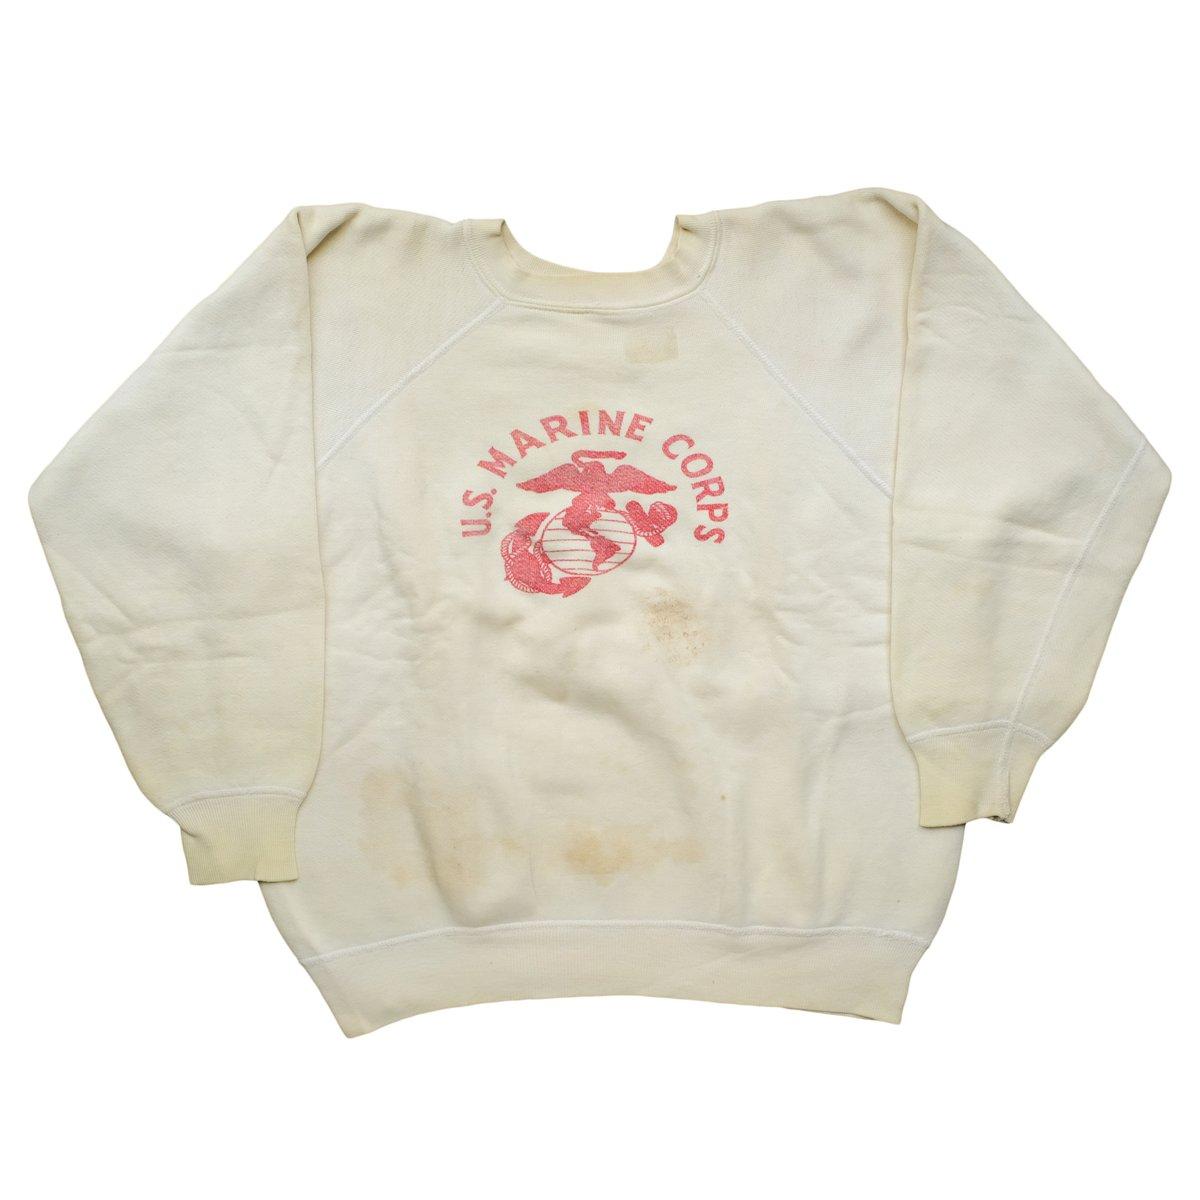 Image of Vintage 1960's Super Faded USMC Sweatshirt